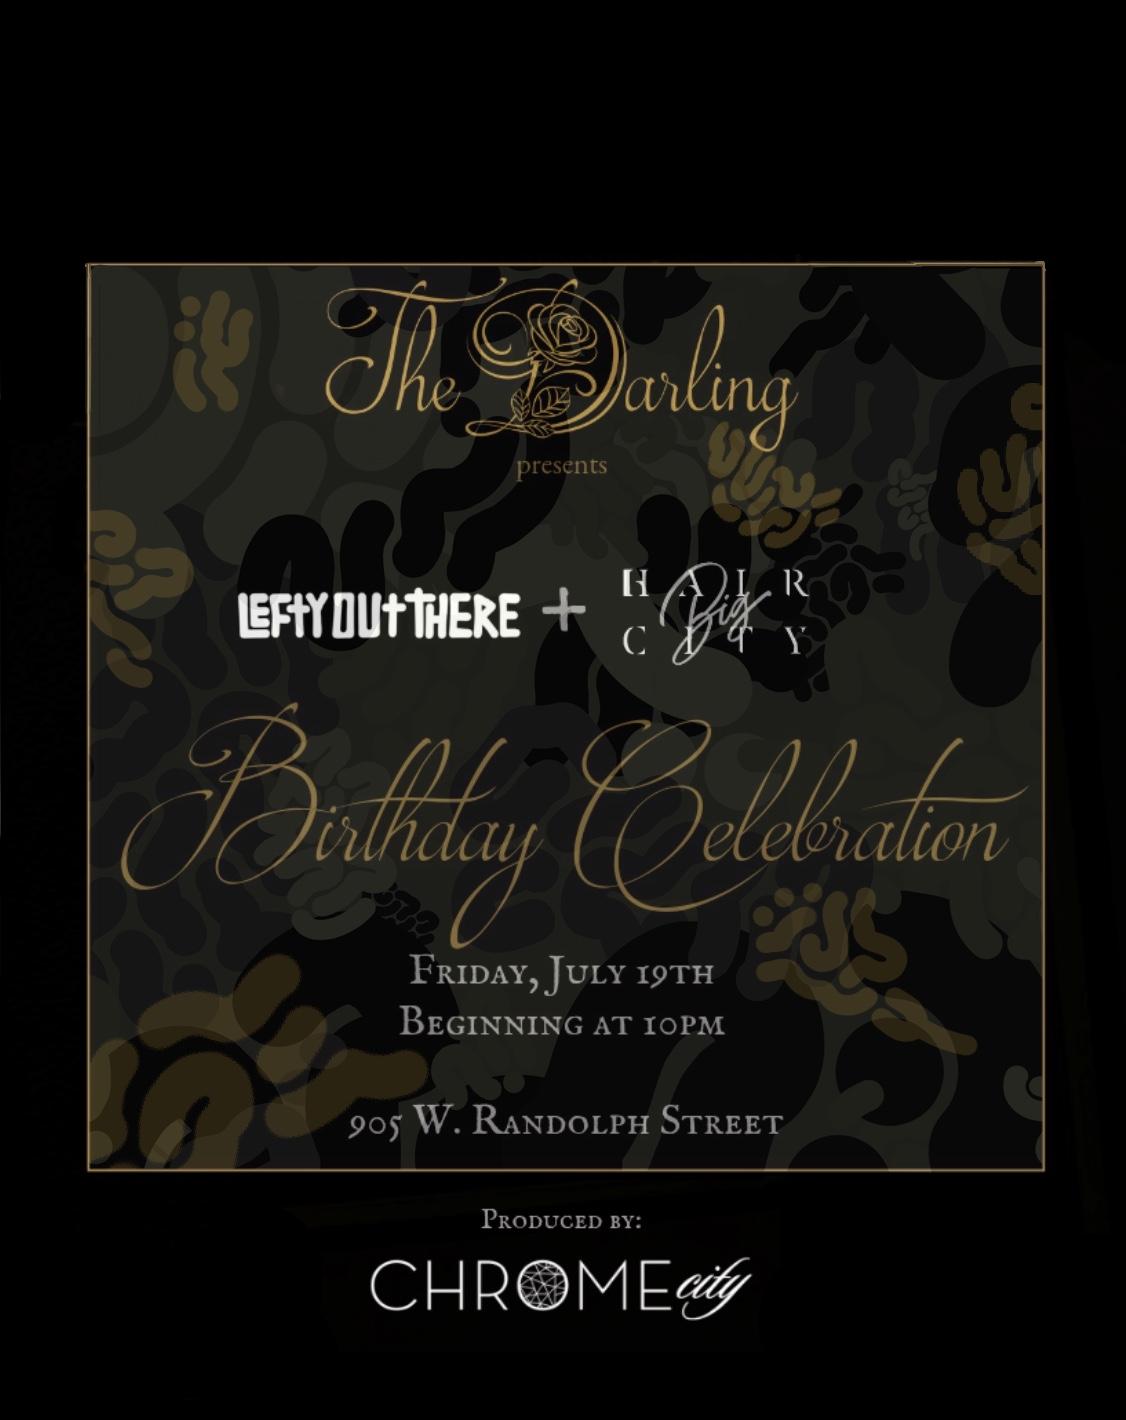 Darling Invite.JPG